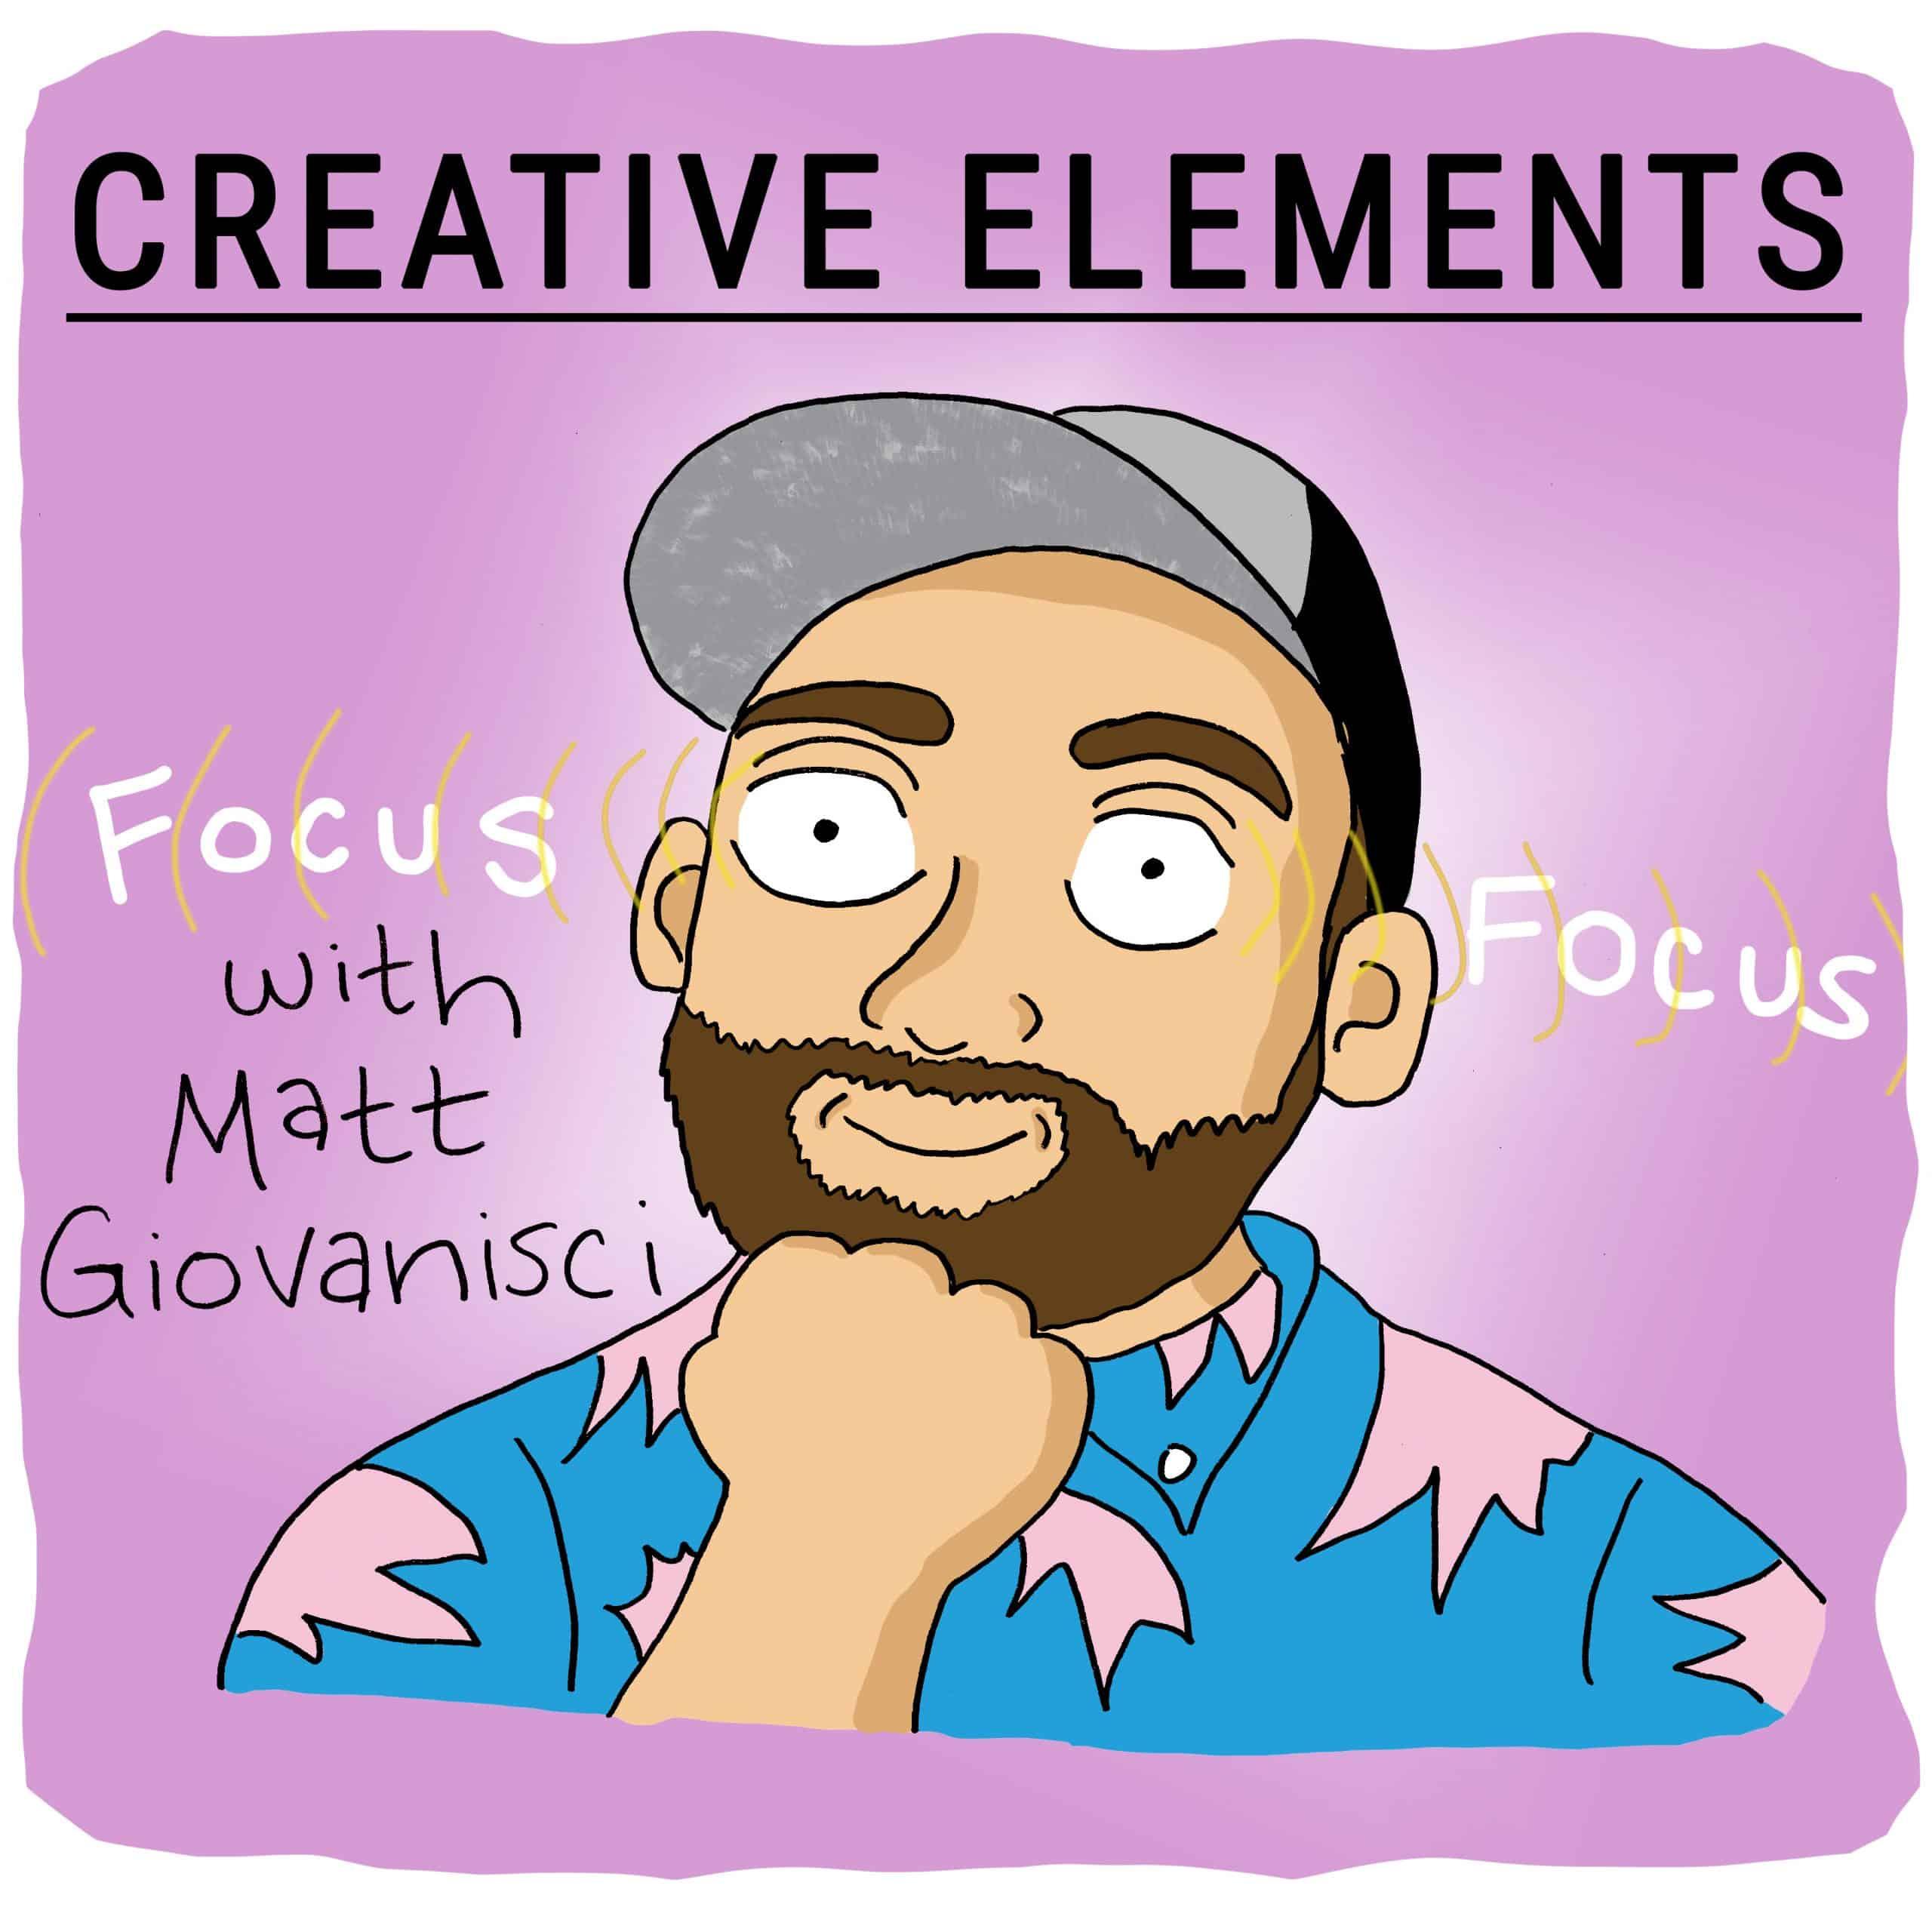 Matt Giovanisci on Creative Elements